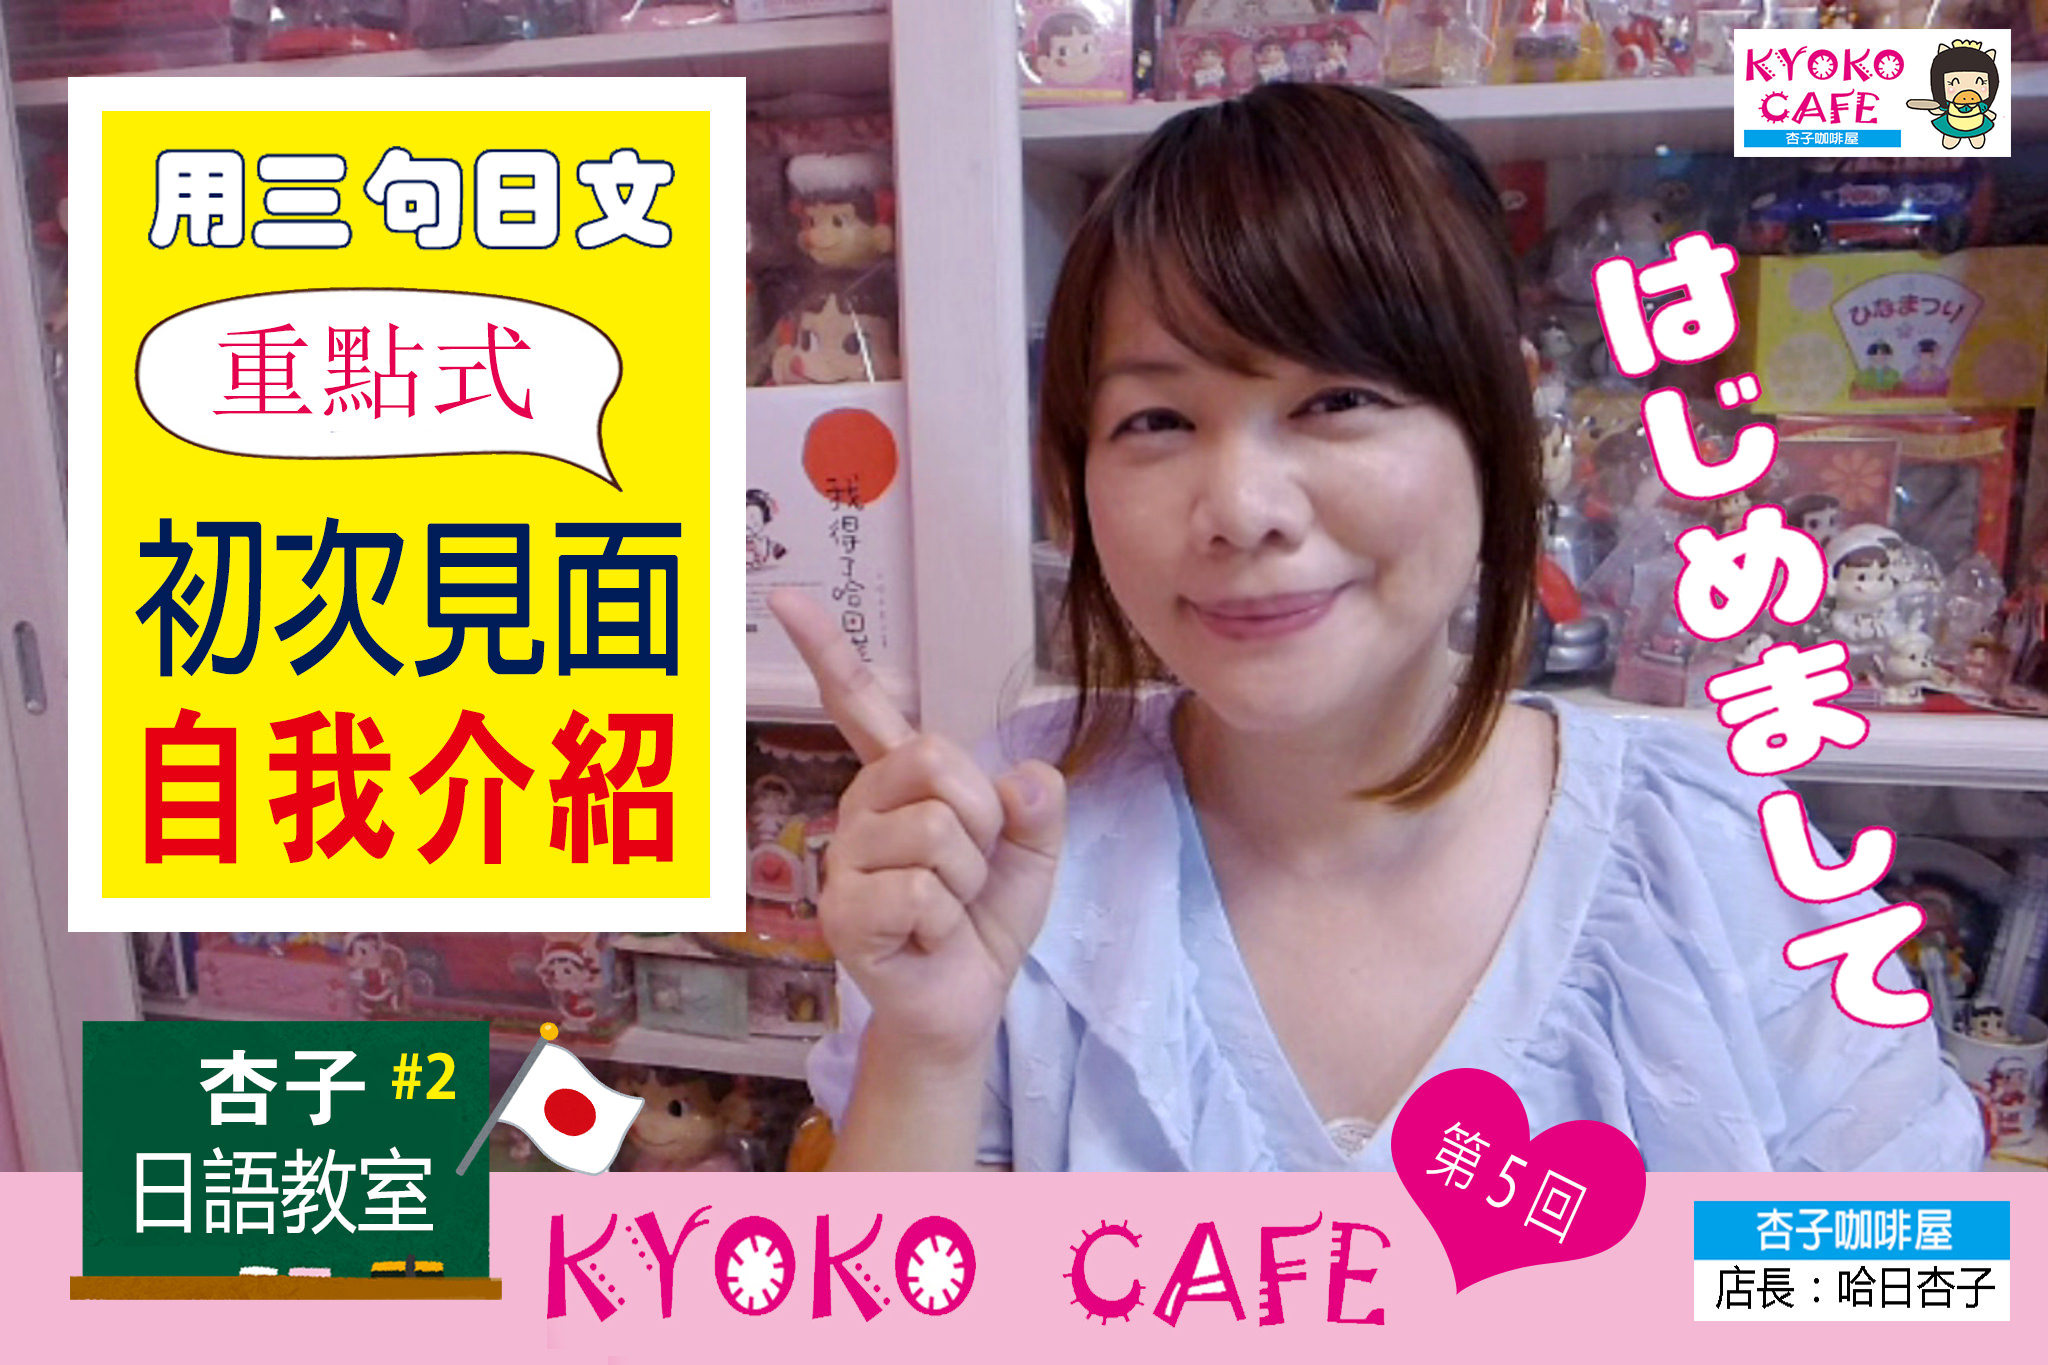 觀光日語 | 用日文跟初次見面的人打招呼與自我介紹・三句型